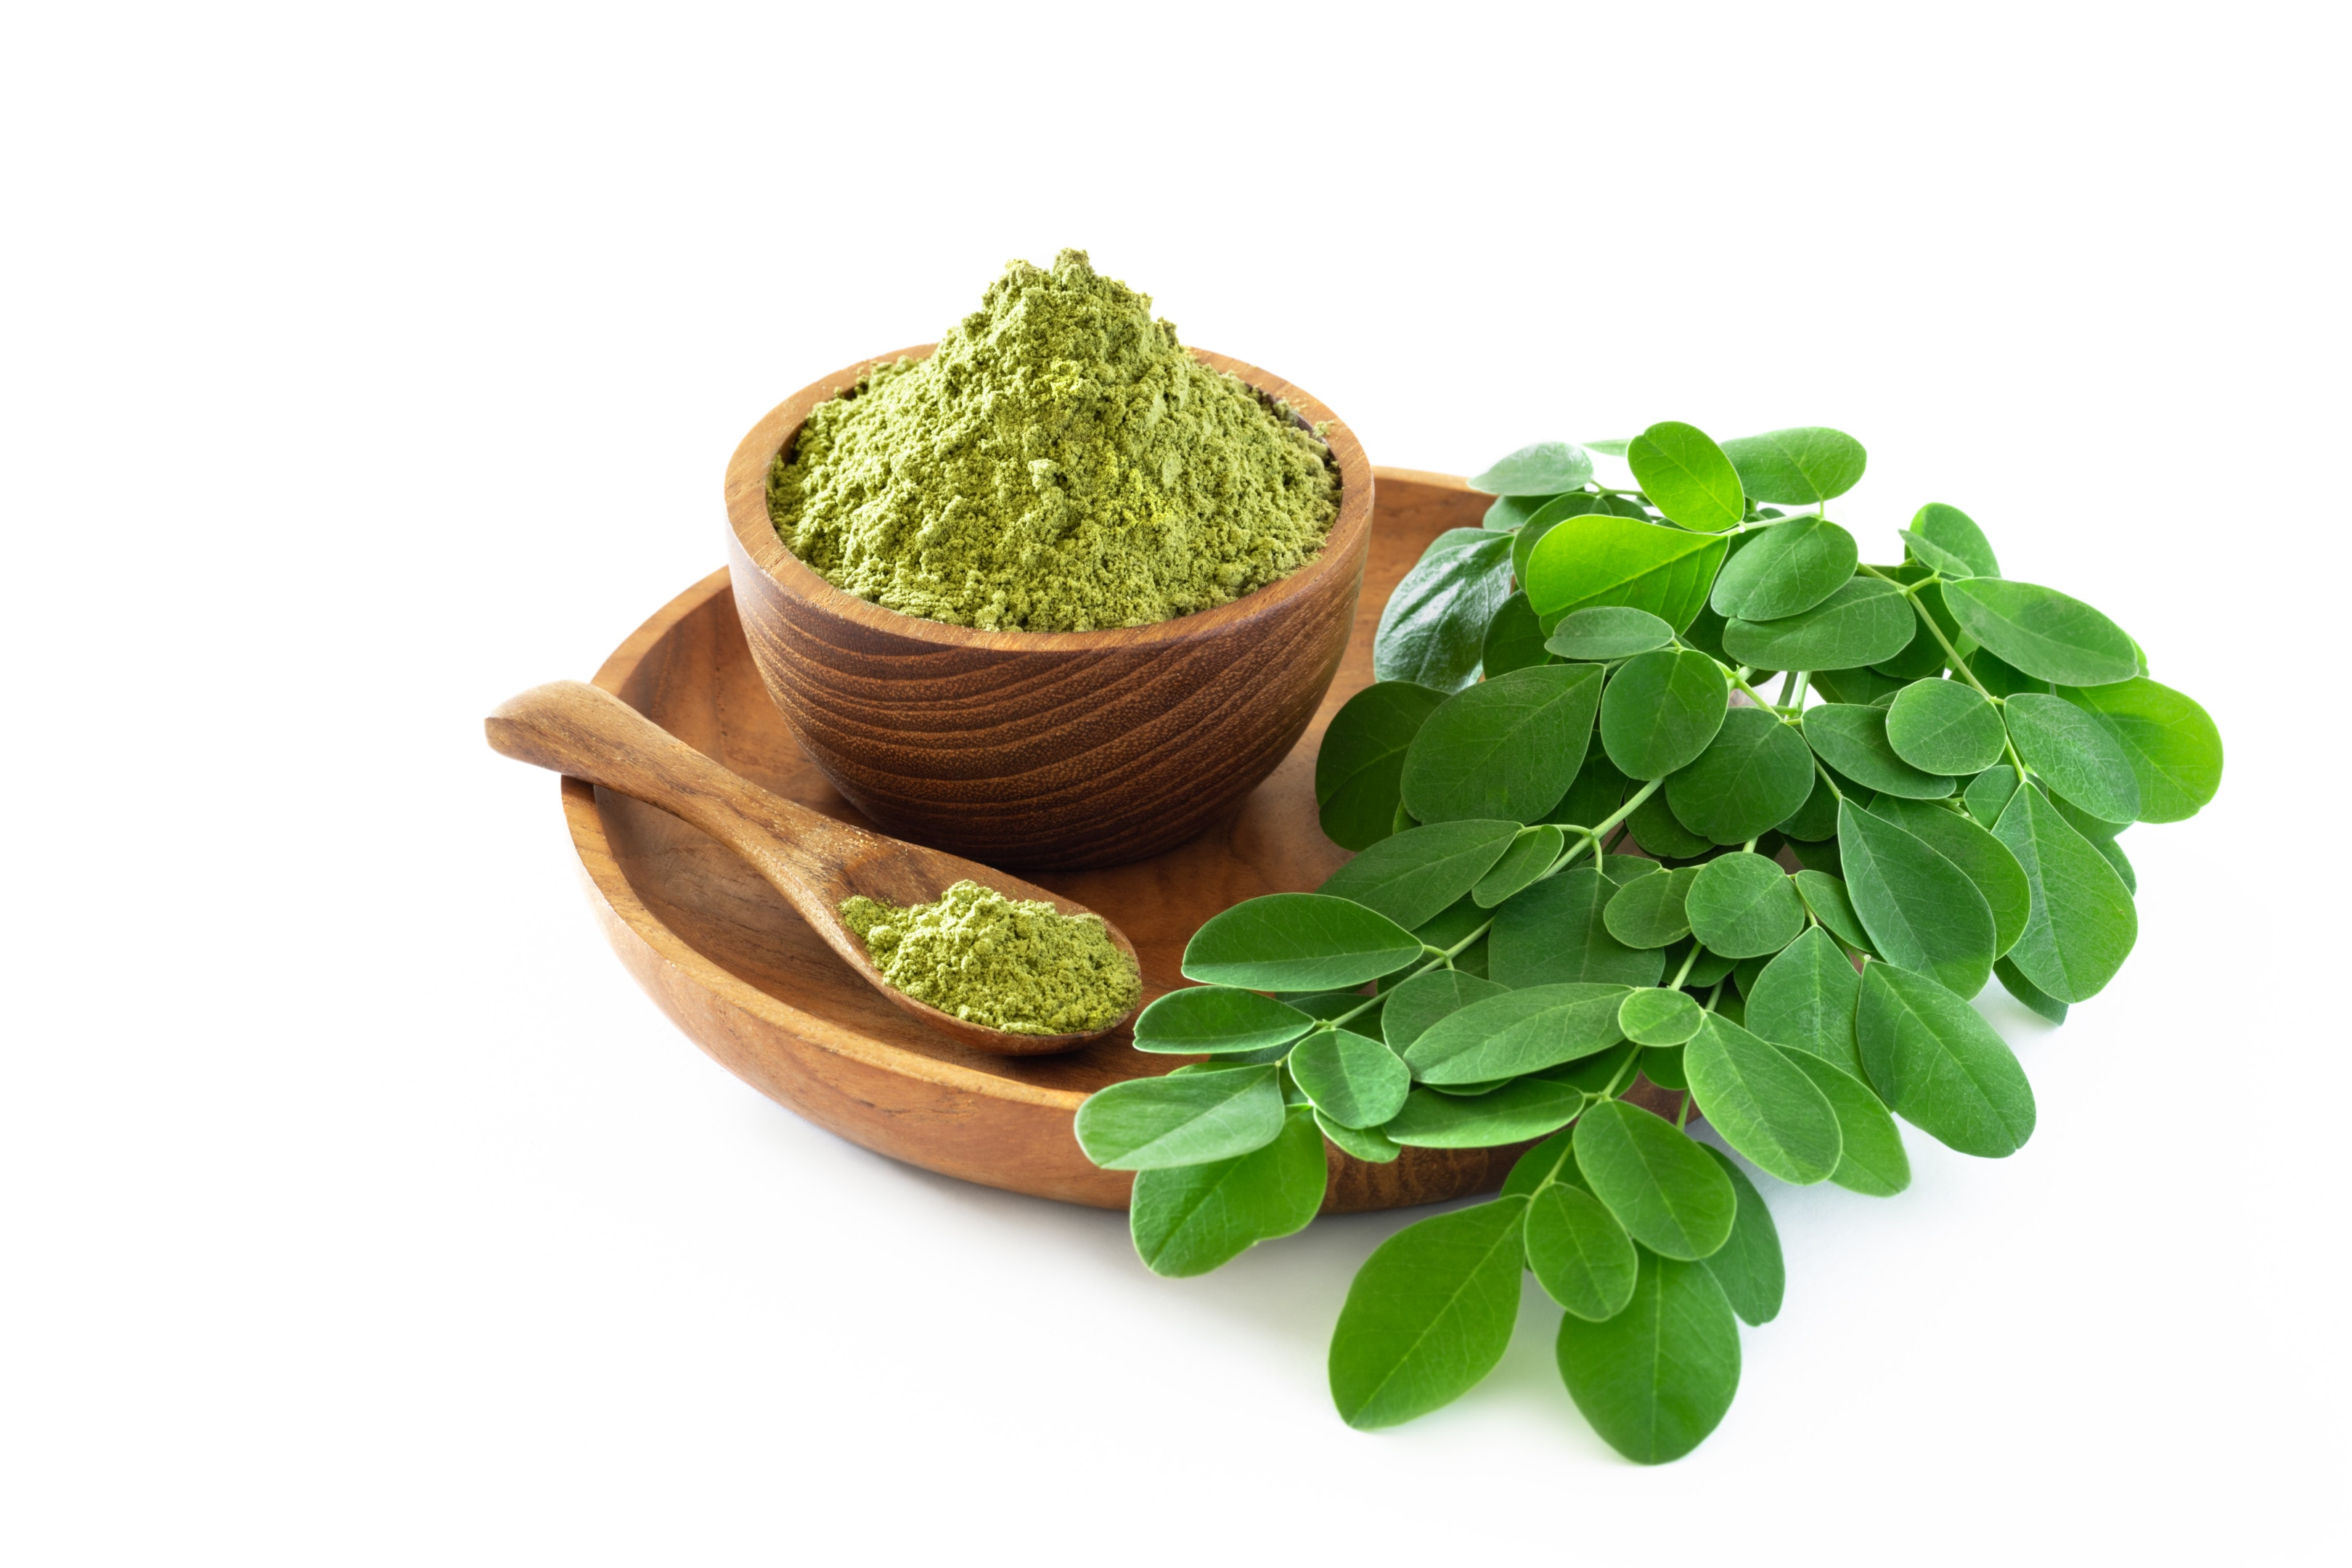 Moringa powder in wooden bowl with fresh moringa leaves